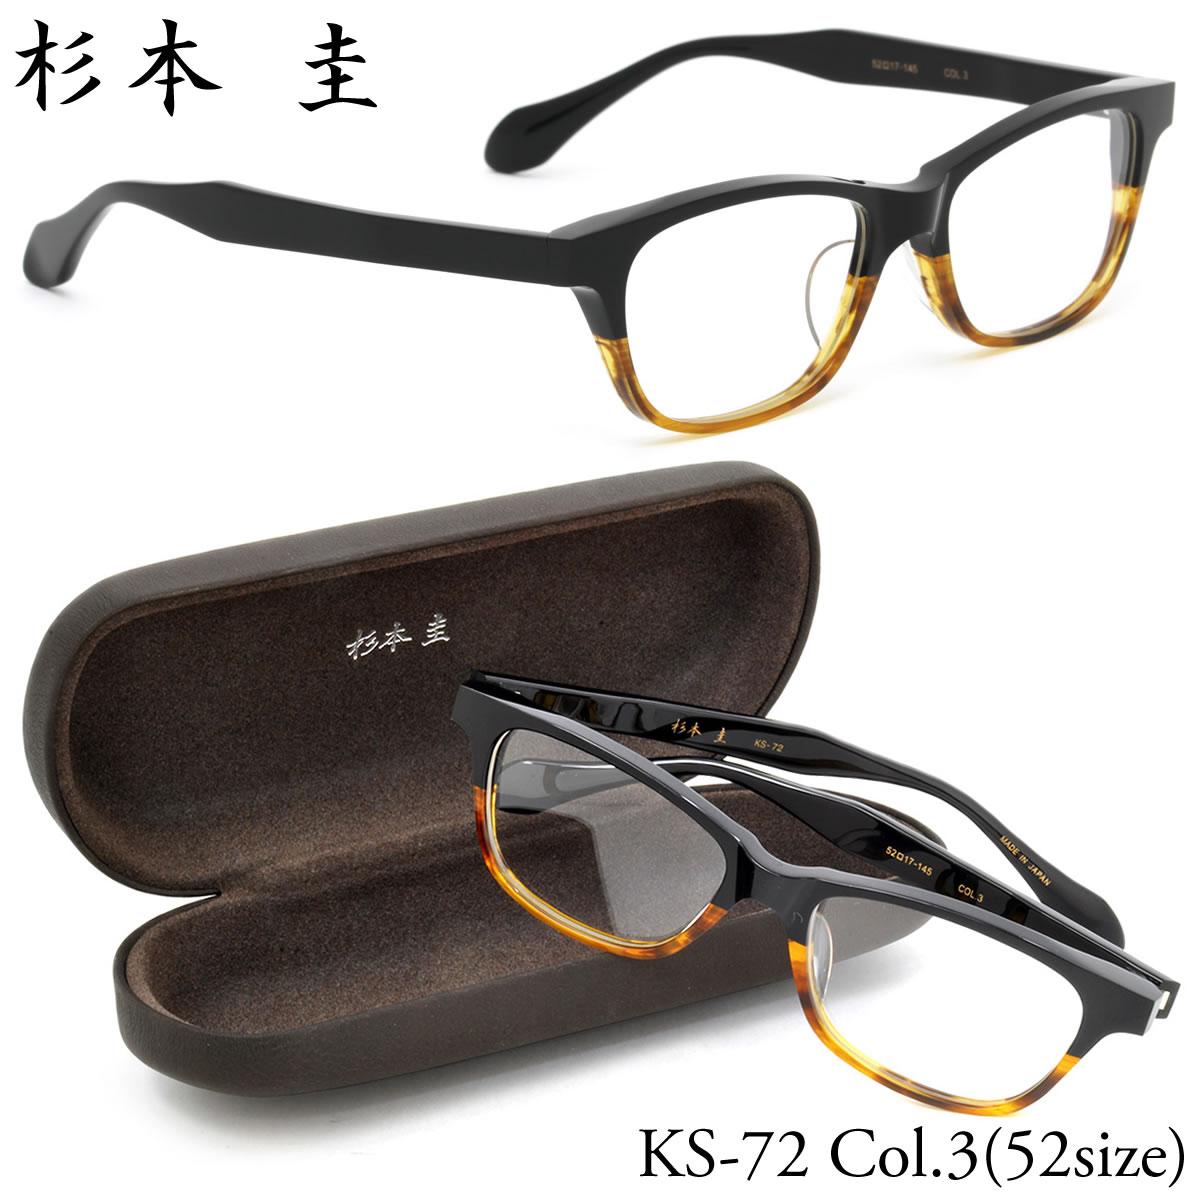 【10月30日からエントリーで全品ポイント20倍】【杉本圭】(スギモトケイ) メガネ フレーム KS-72 3 52サイズ スクエア 日本製 スギモトケイ 杉本圭 SUGIMOTO KEI メンズ レディース